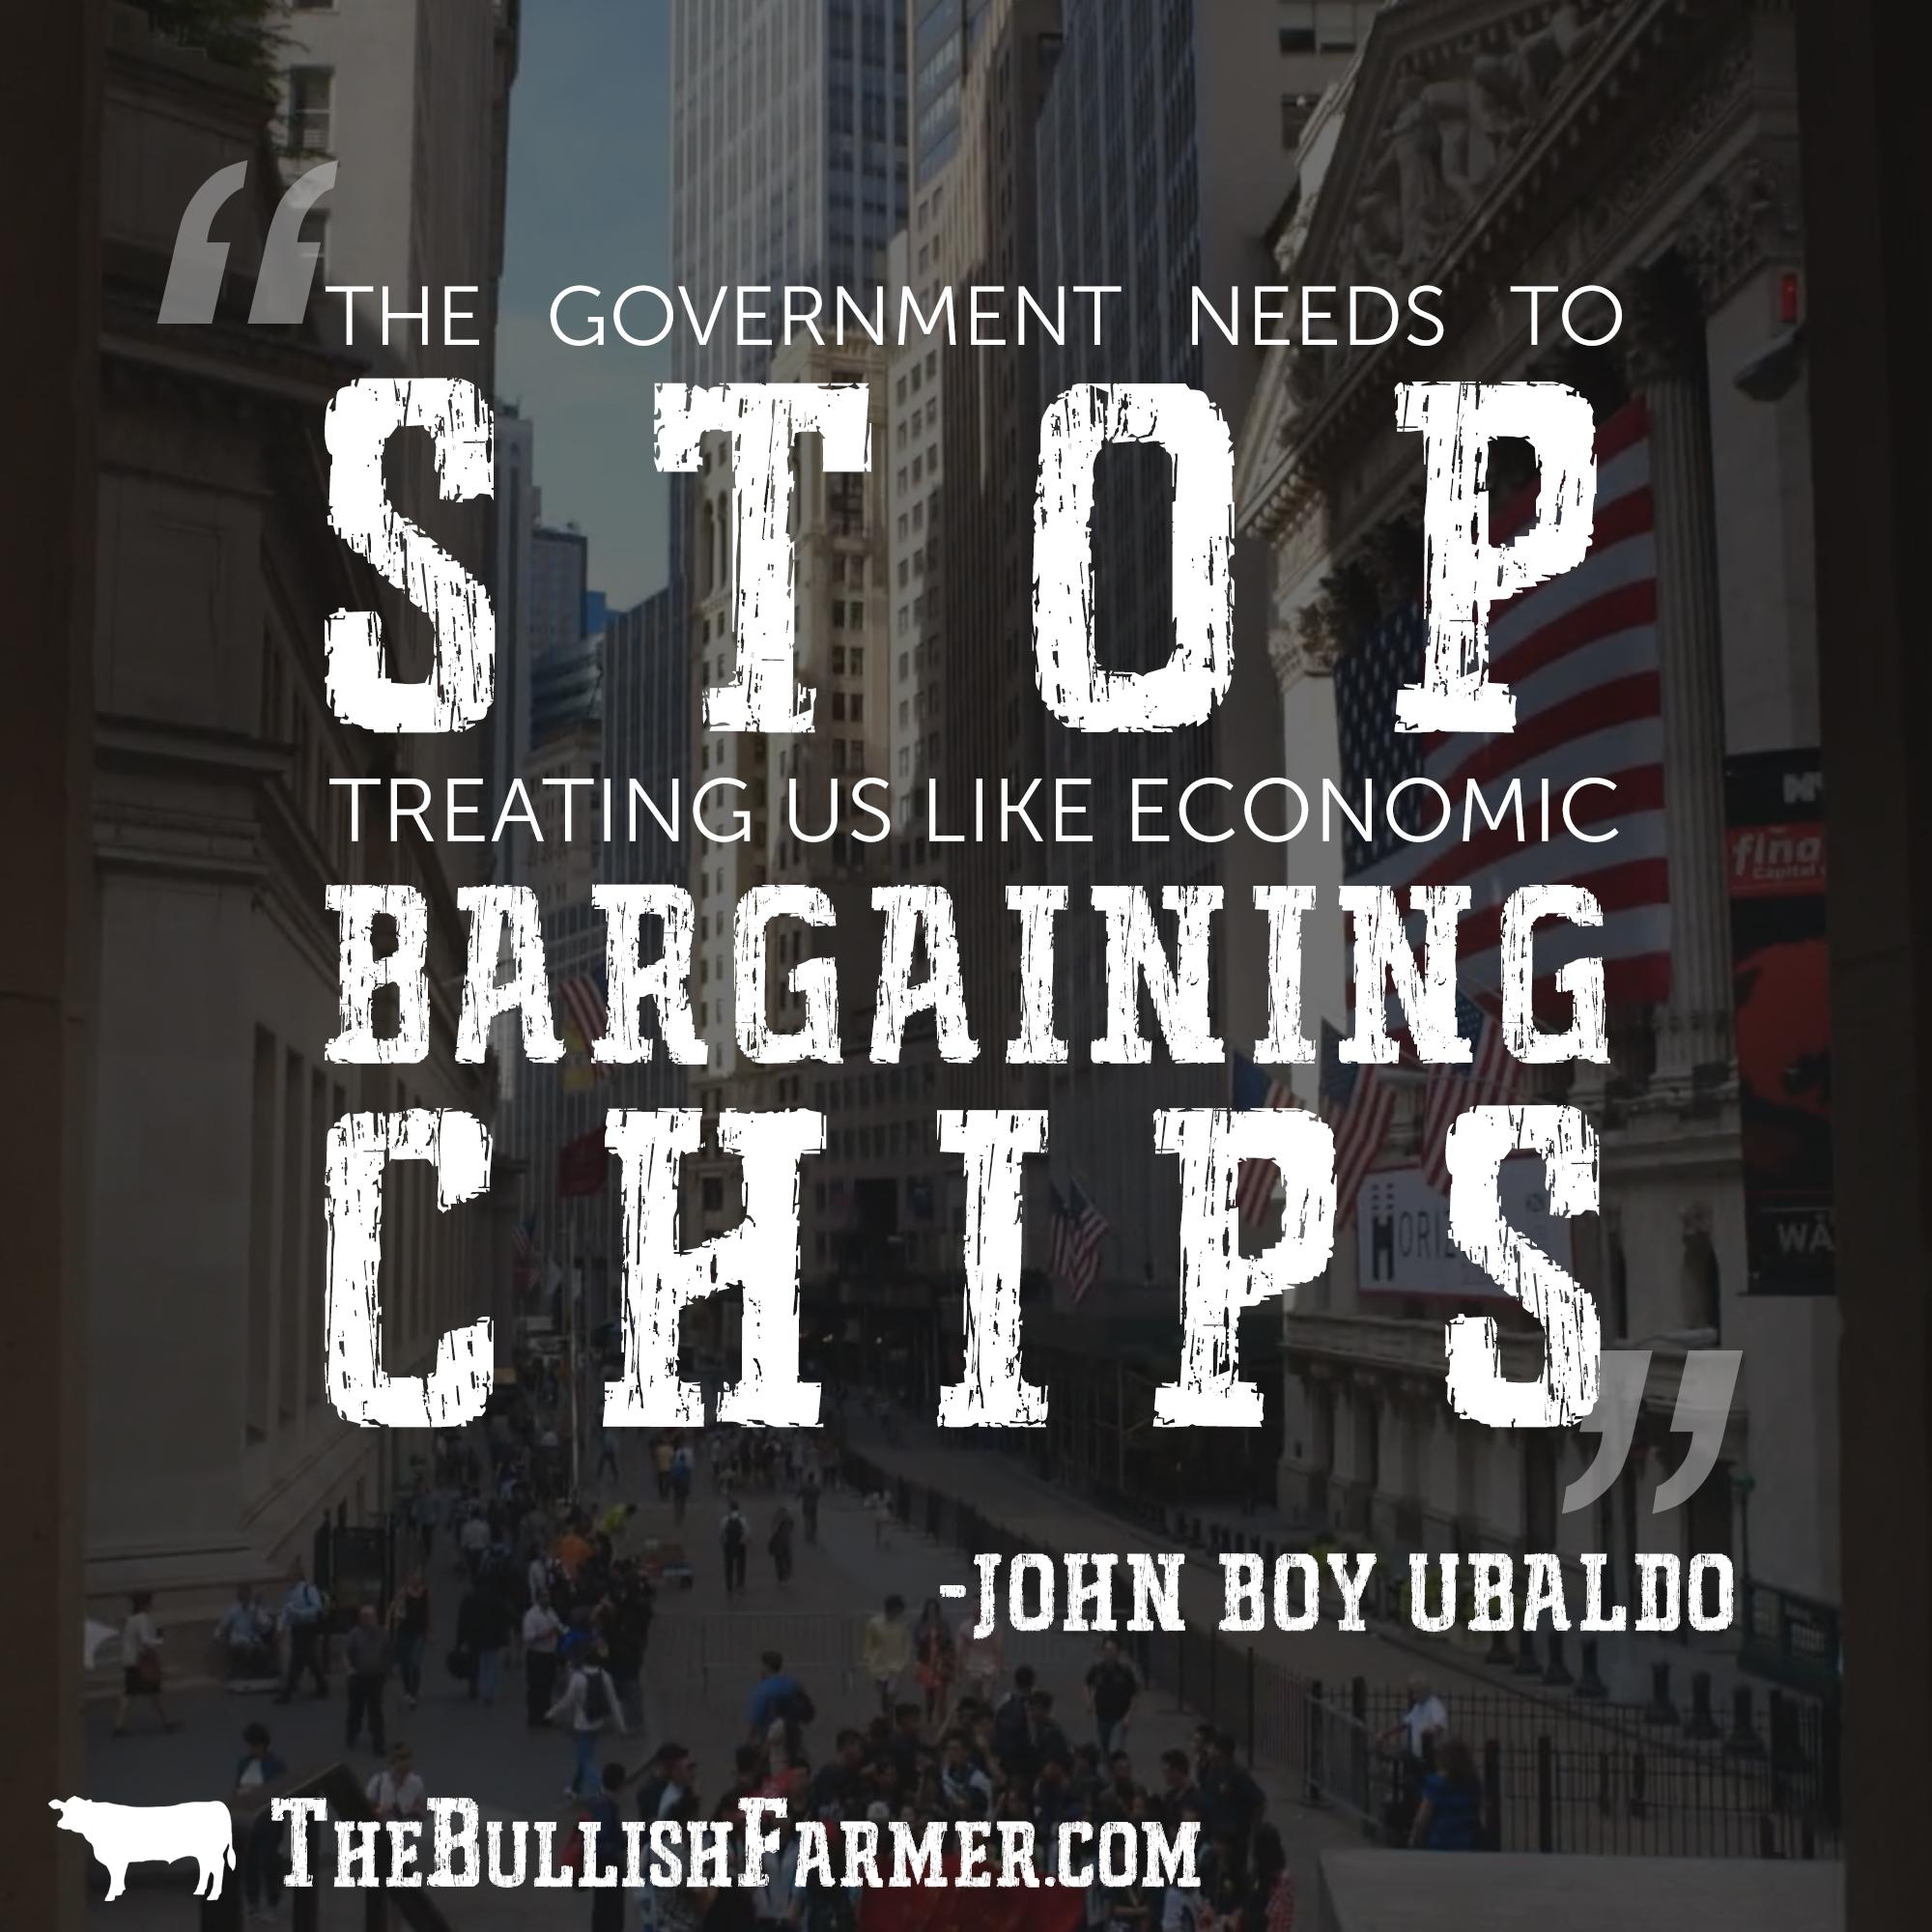 Copy of bullish farmer quote 7.jpg